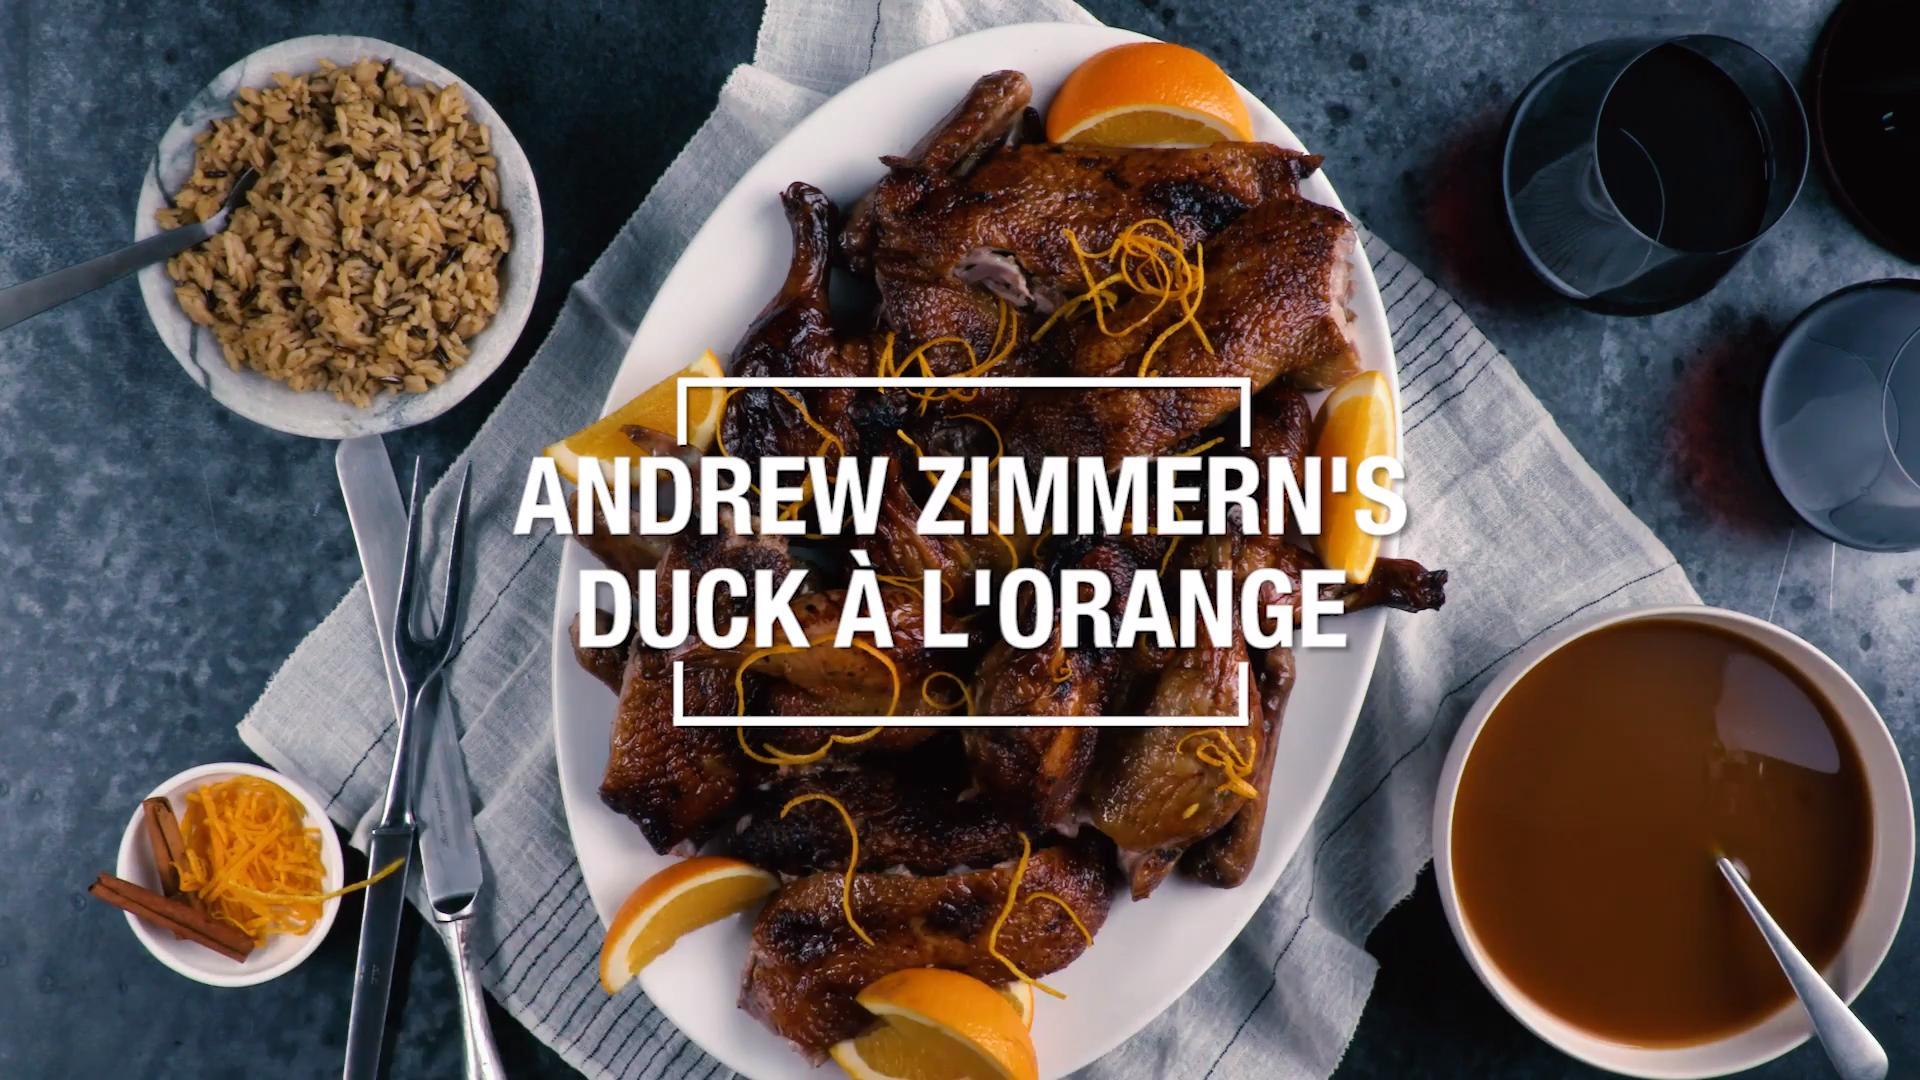 Duck a la Orange